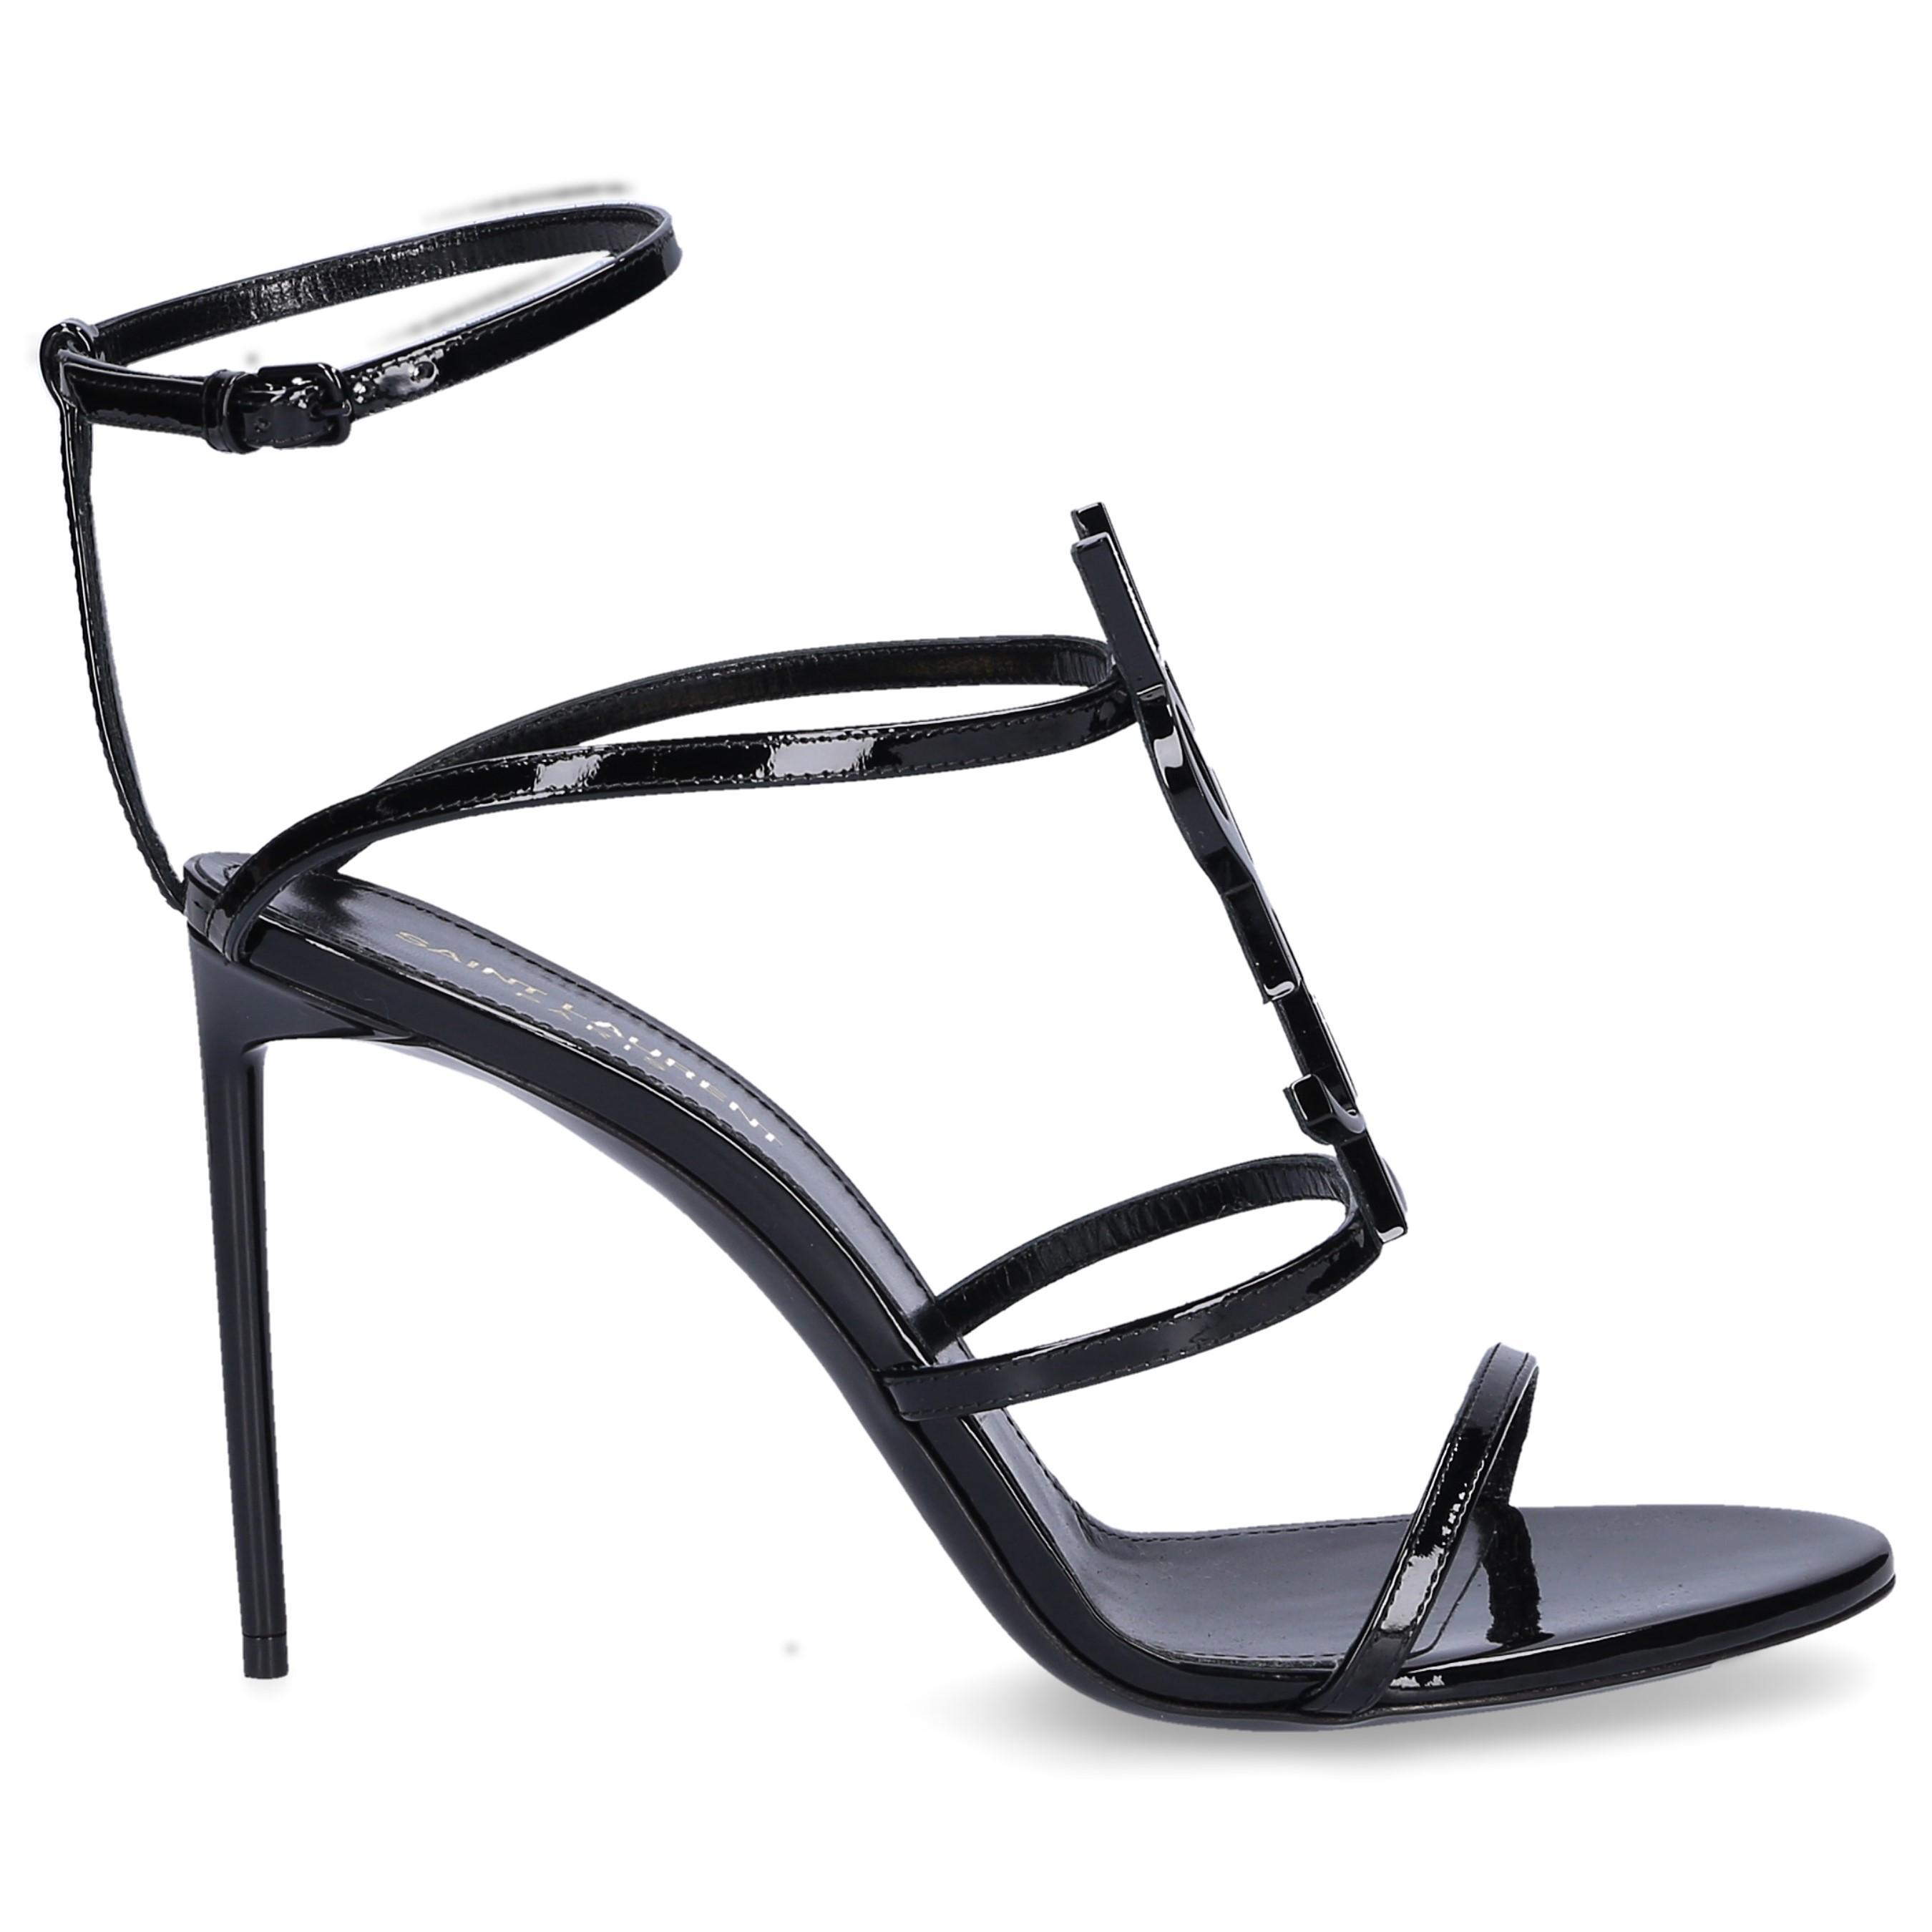 c8dcba9a6 Saint Laurent. Women s Slingback Court Shoes Cassandra Patent Leather Logo  Black